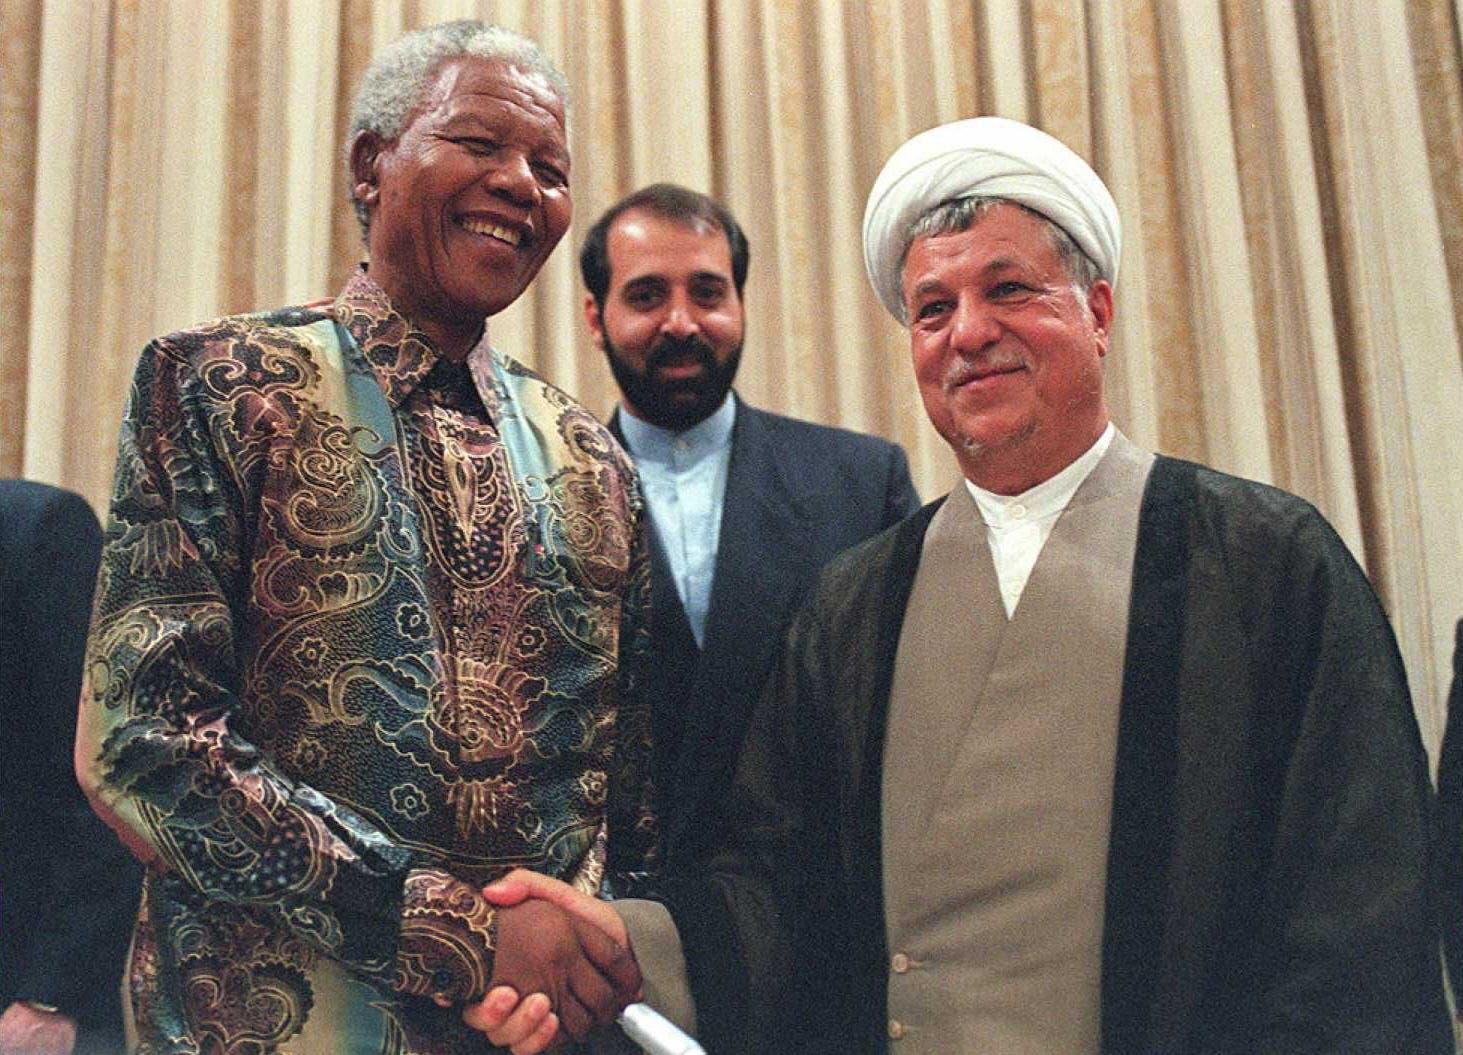 اکبرہاشمی رفسنجانی  جنوبی افریقا کے سابق صدر نیلسن مینڈیلا کے ساتھ مصافحہ کرتے ہوئے ۔